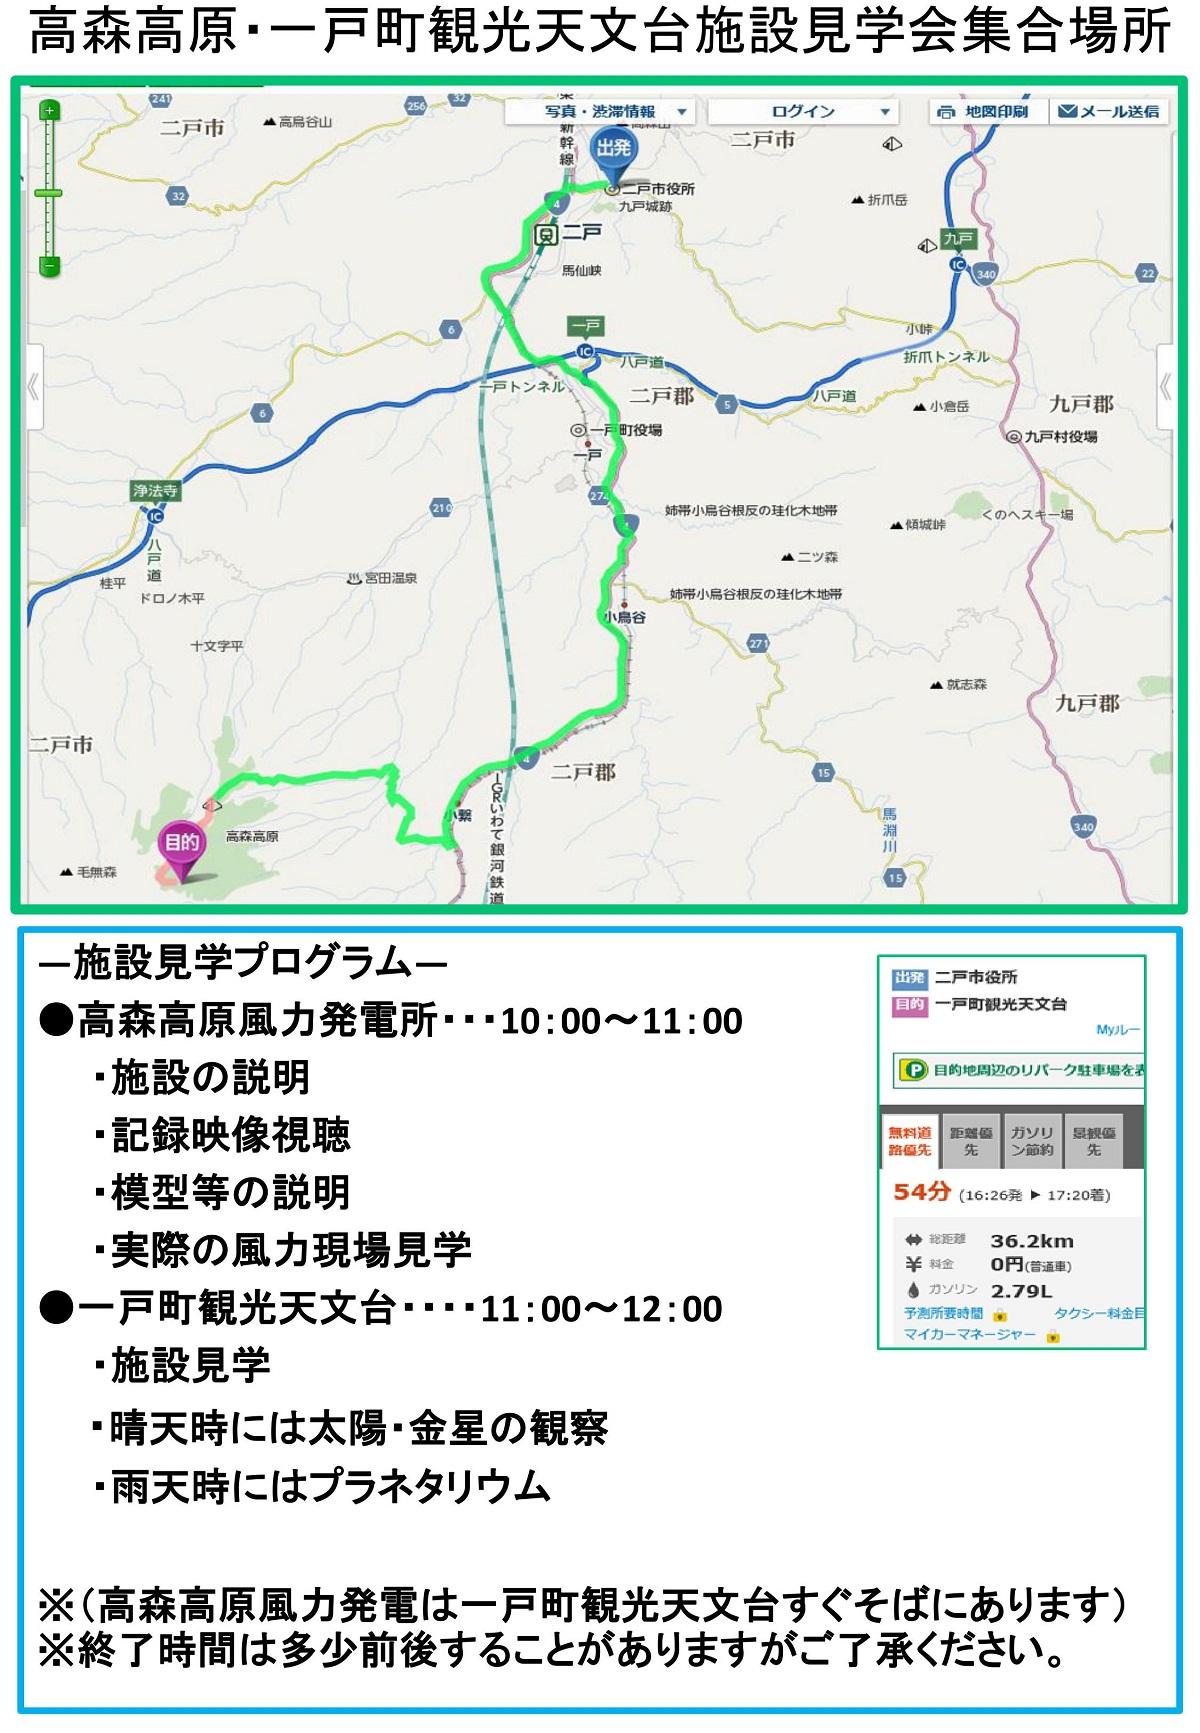 http://blog.iwate-eco.jp/2018/08/01/0002.jpg